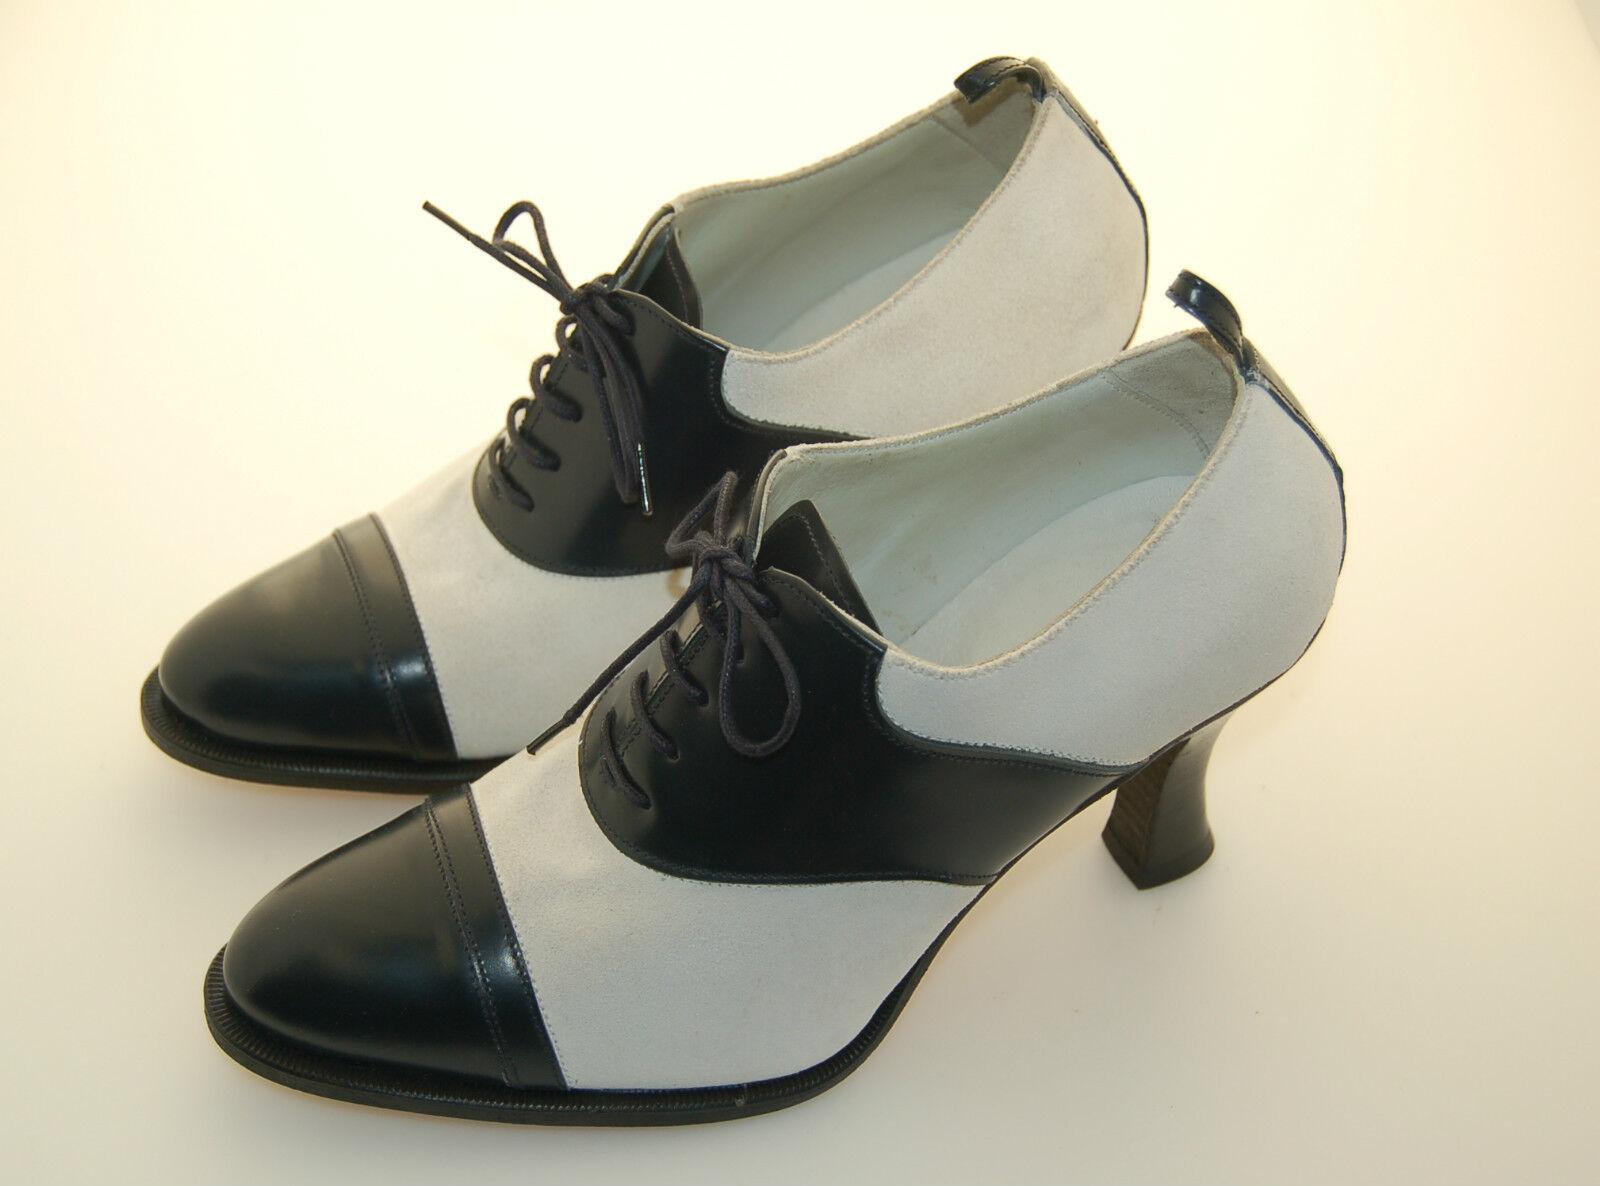 WOMAN - damen - 38 - OXFORD CAPTOE - CALF Blau + SUEDE Weiß - LEATHER SOLE